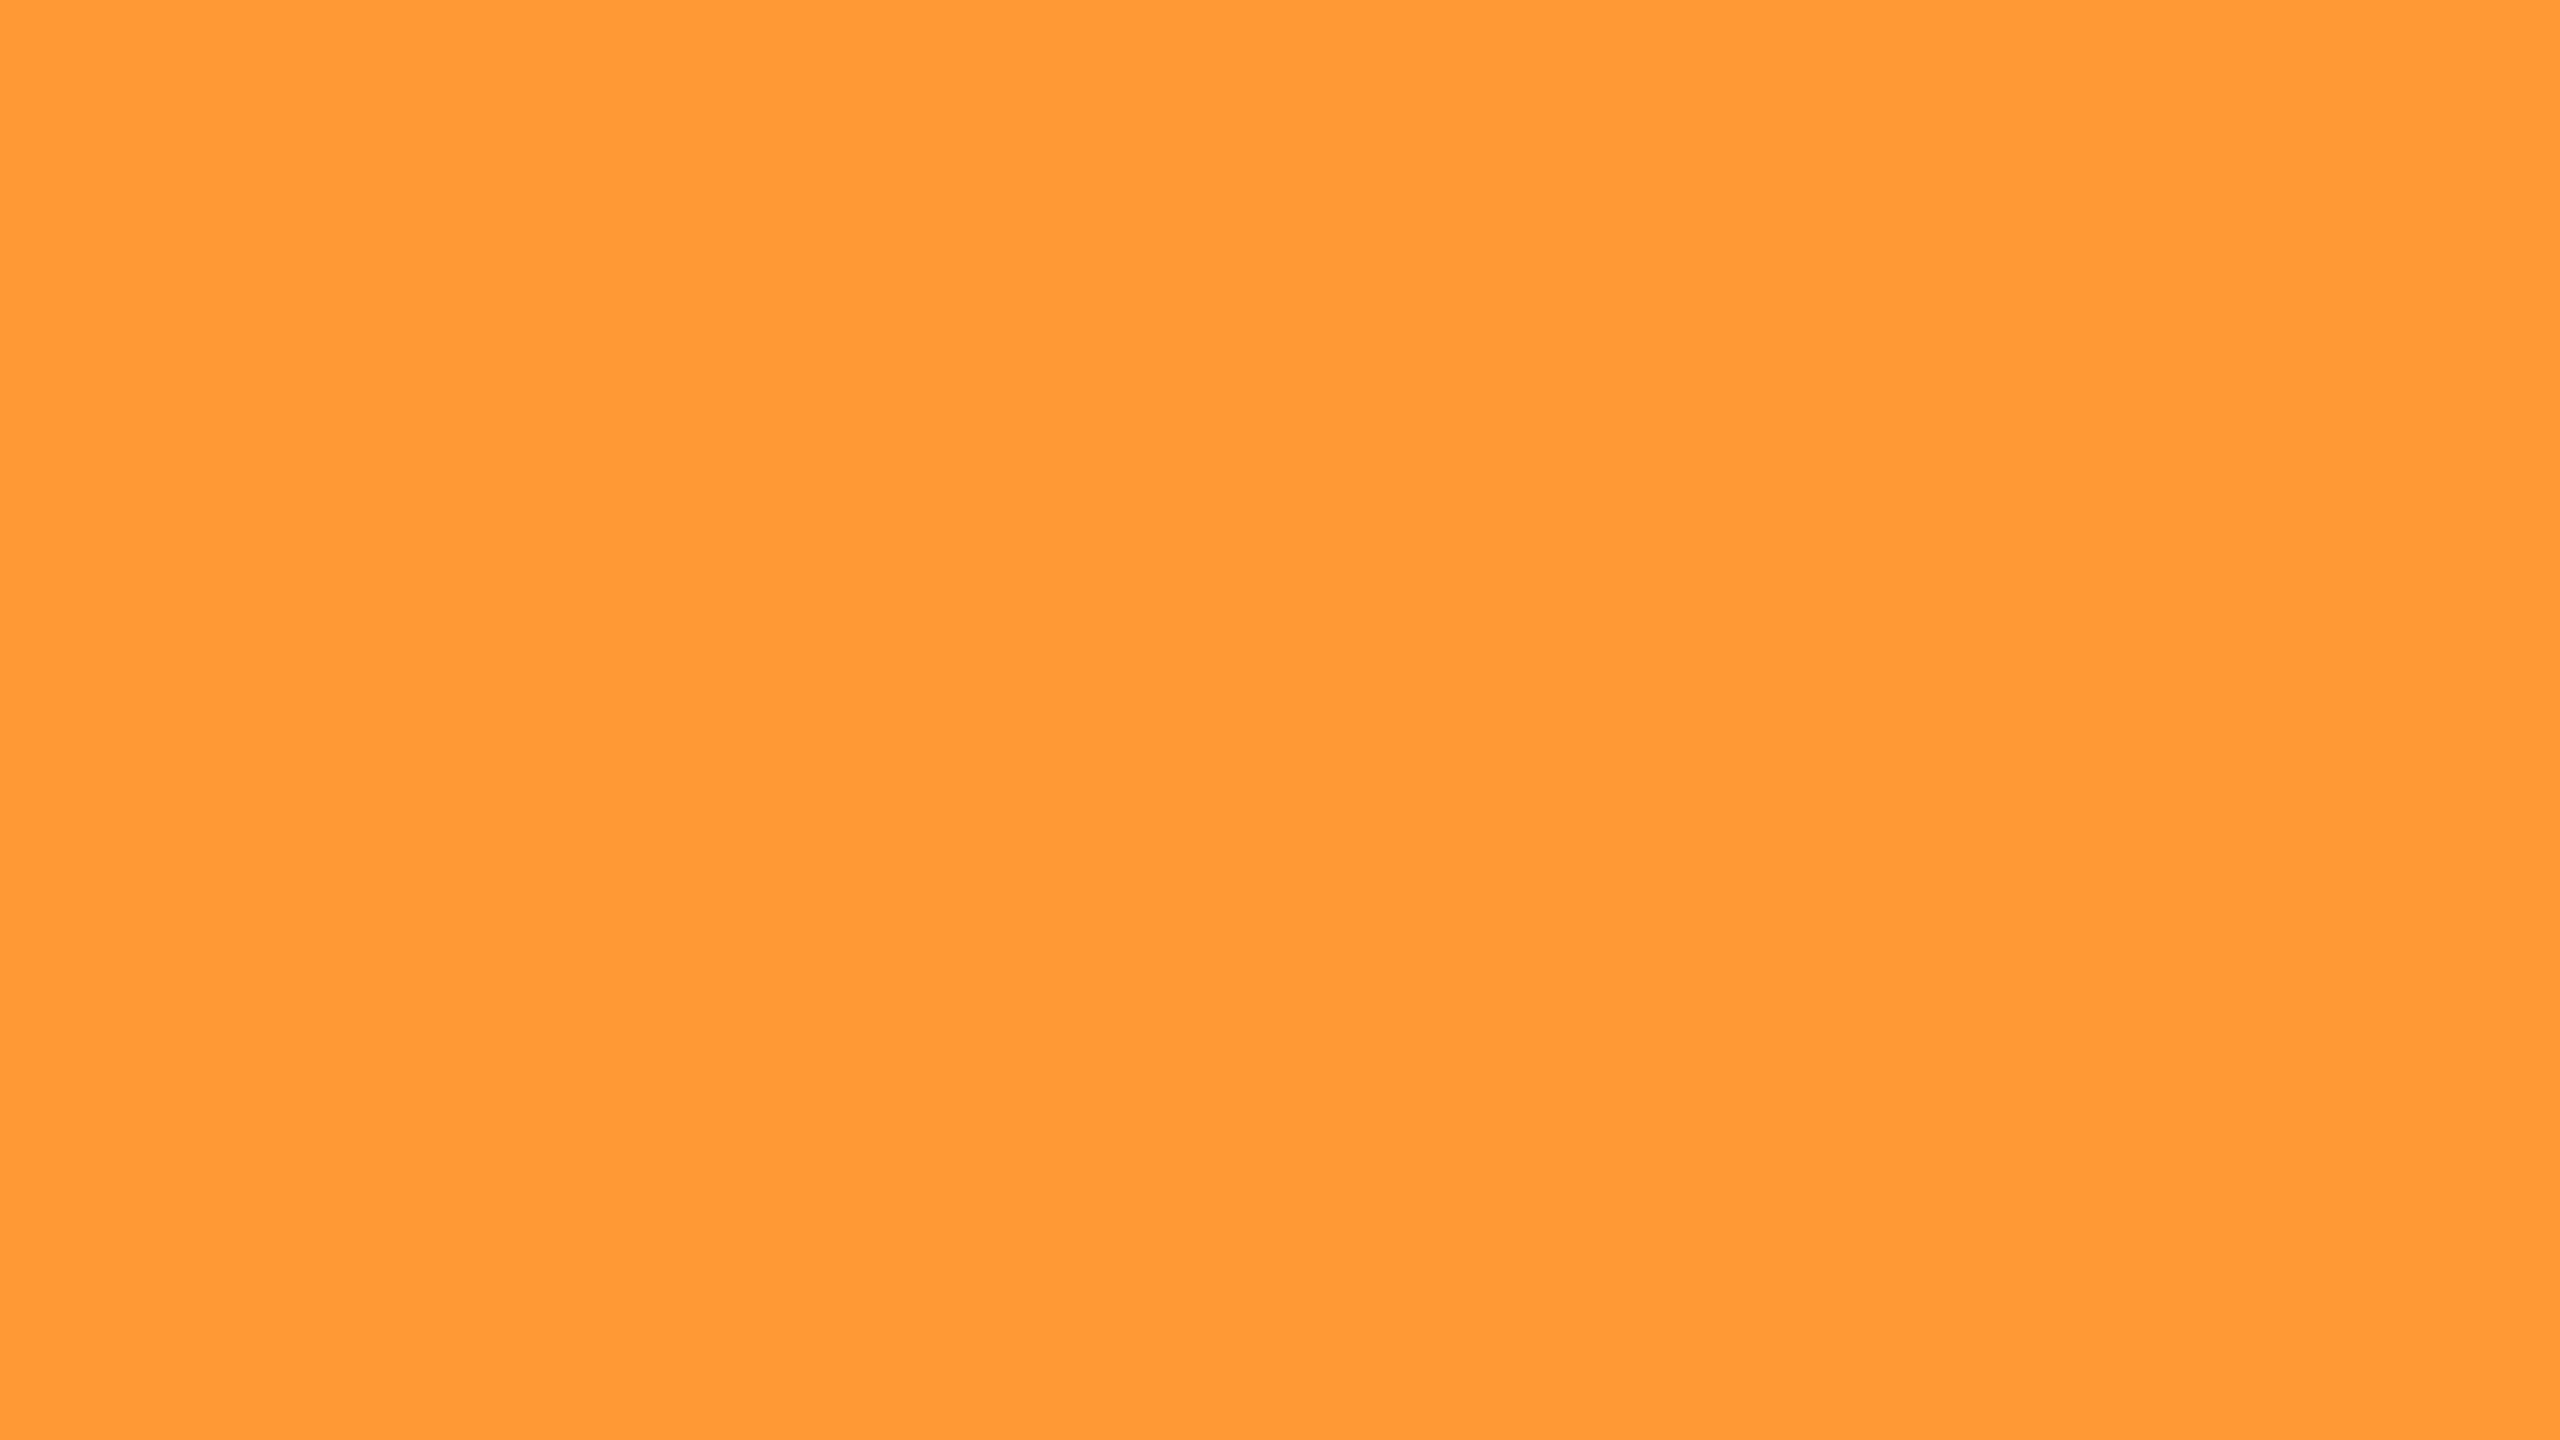 2560x1440 Deep Saffron Solid Color Background